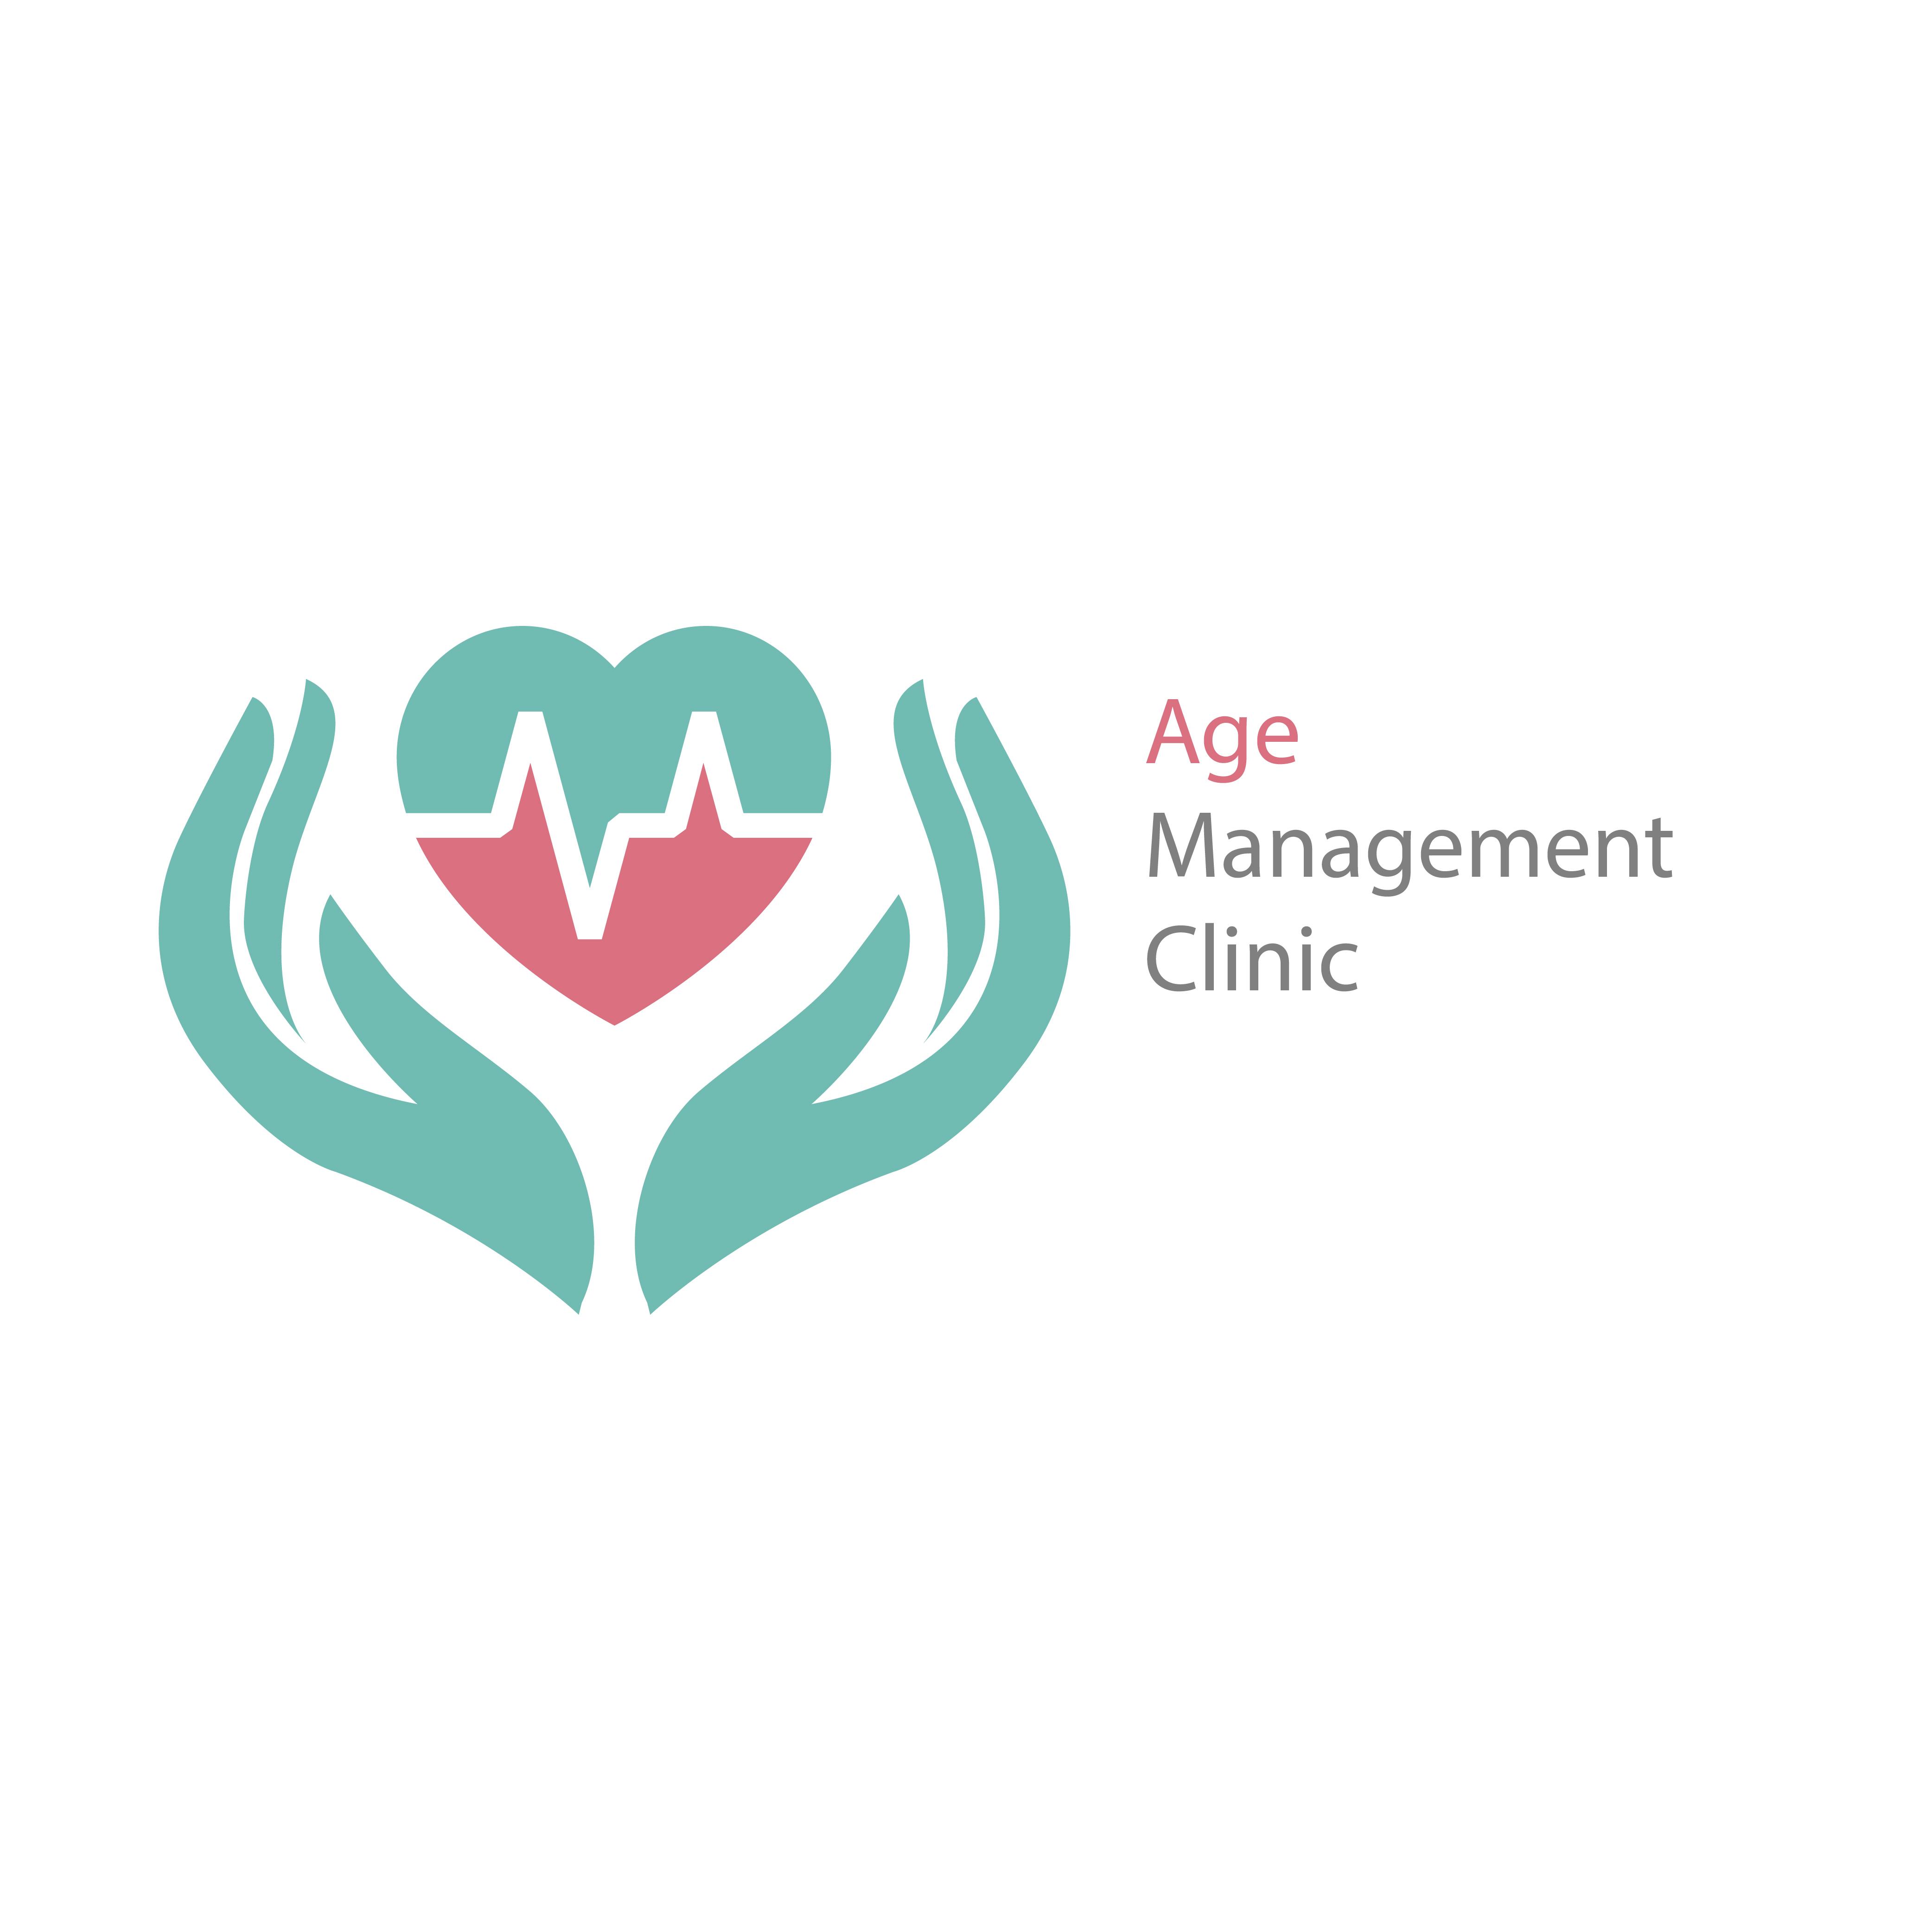 Логотип для медицинского центра (клиники)  фото f_1355b9ab16321bf1.jpg